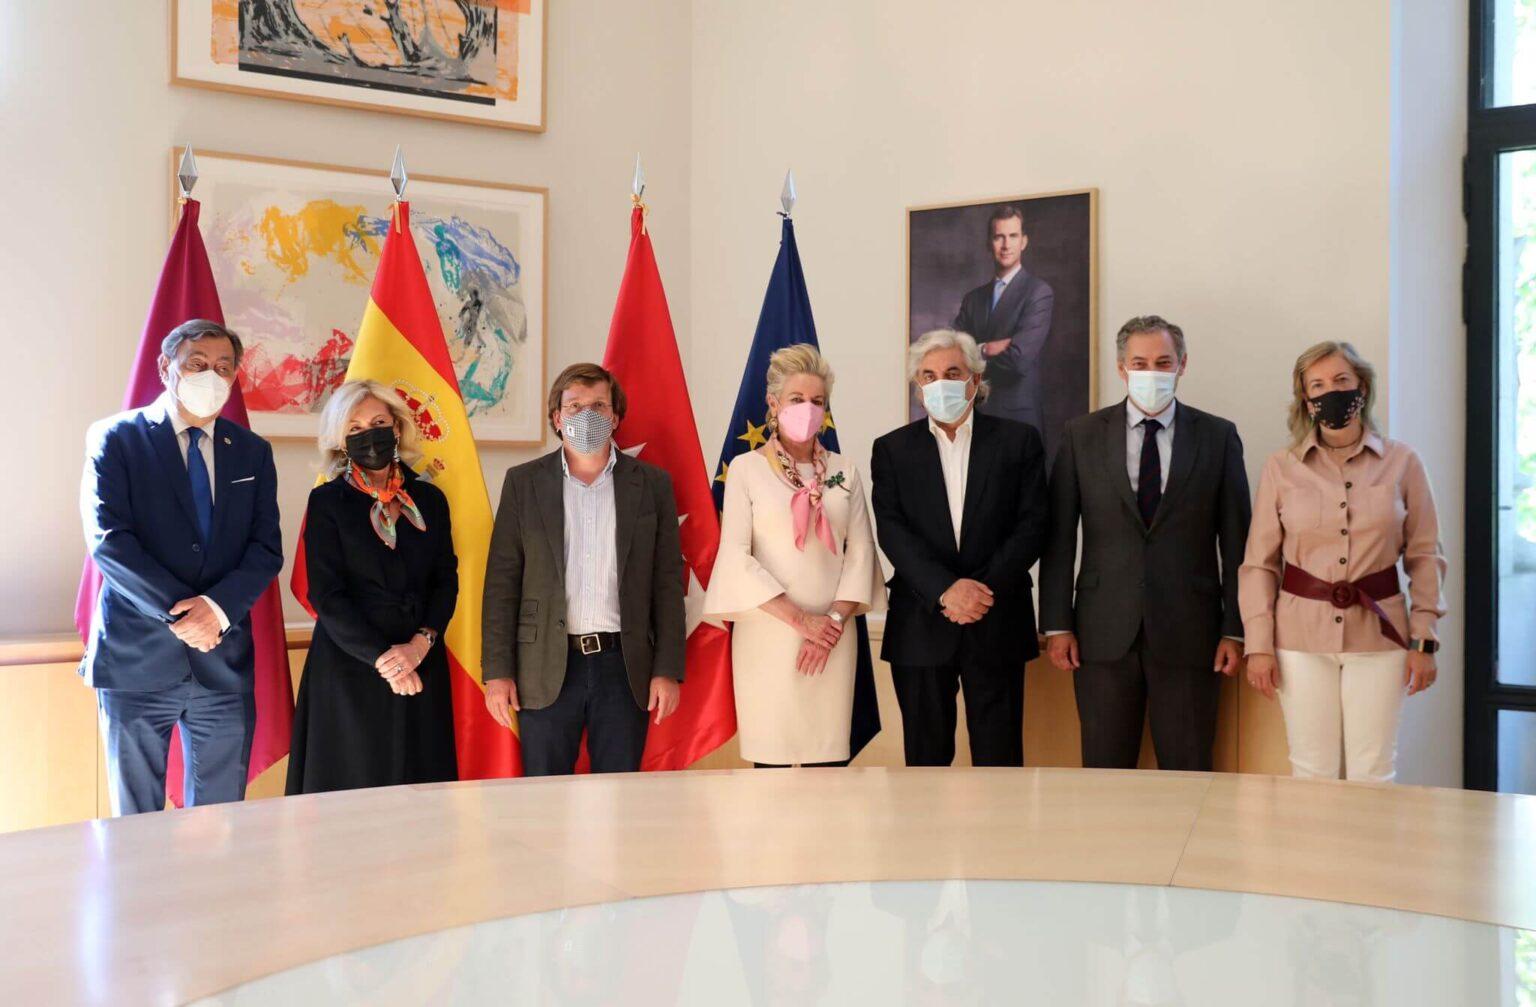 La Asociación de Juristas y Profesionales del Derecho San Raimundo de Peñafort es recibida por el Alcalde de Madrid Excmo. Sr. D. José Luis Martínez-Almeida Navasqüés